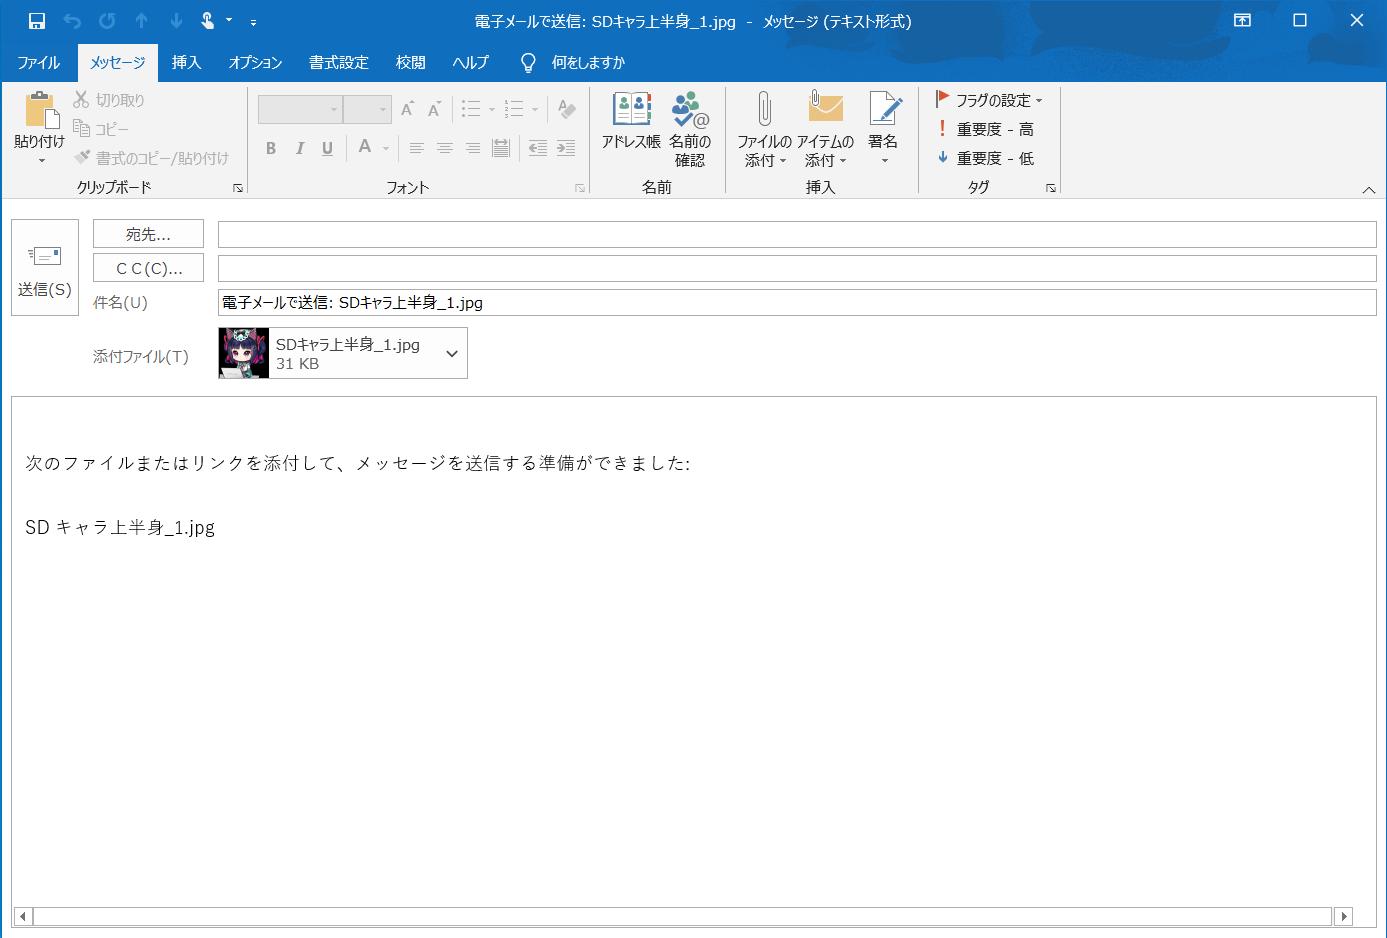 画像のサイズを縮小してそのままメール送信する方法【Windows10】